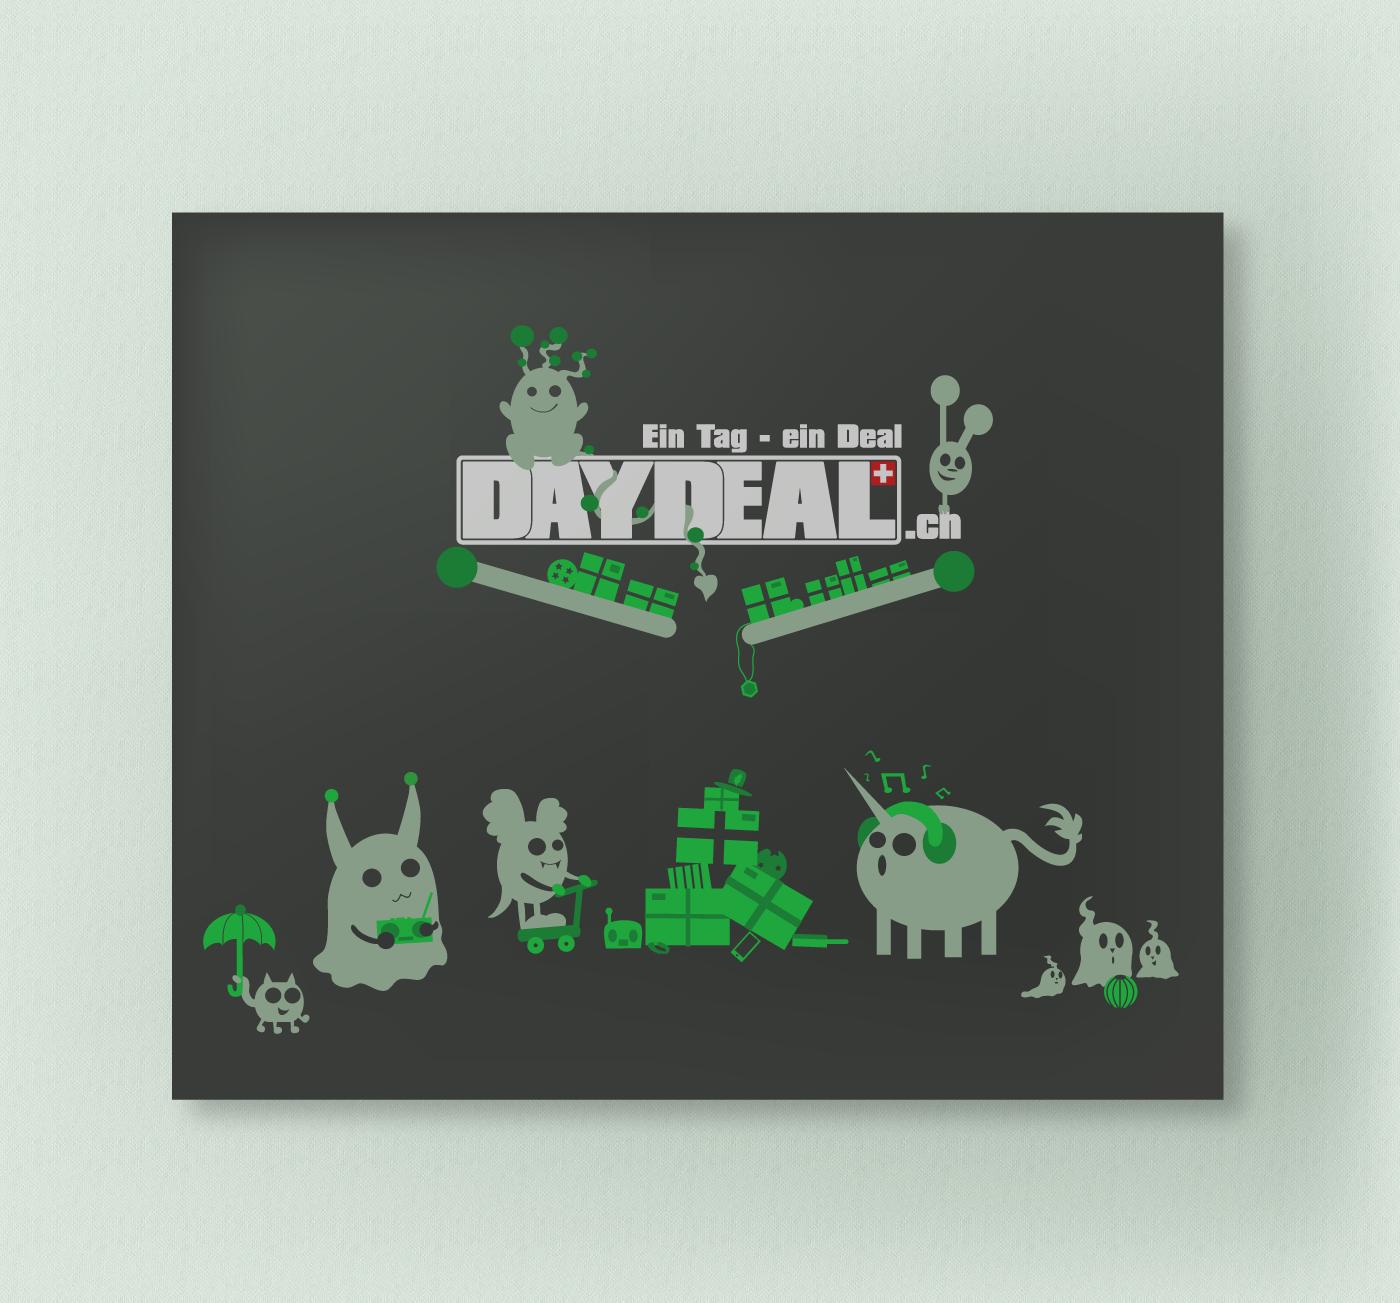 Daydeal_mausmatte